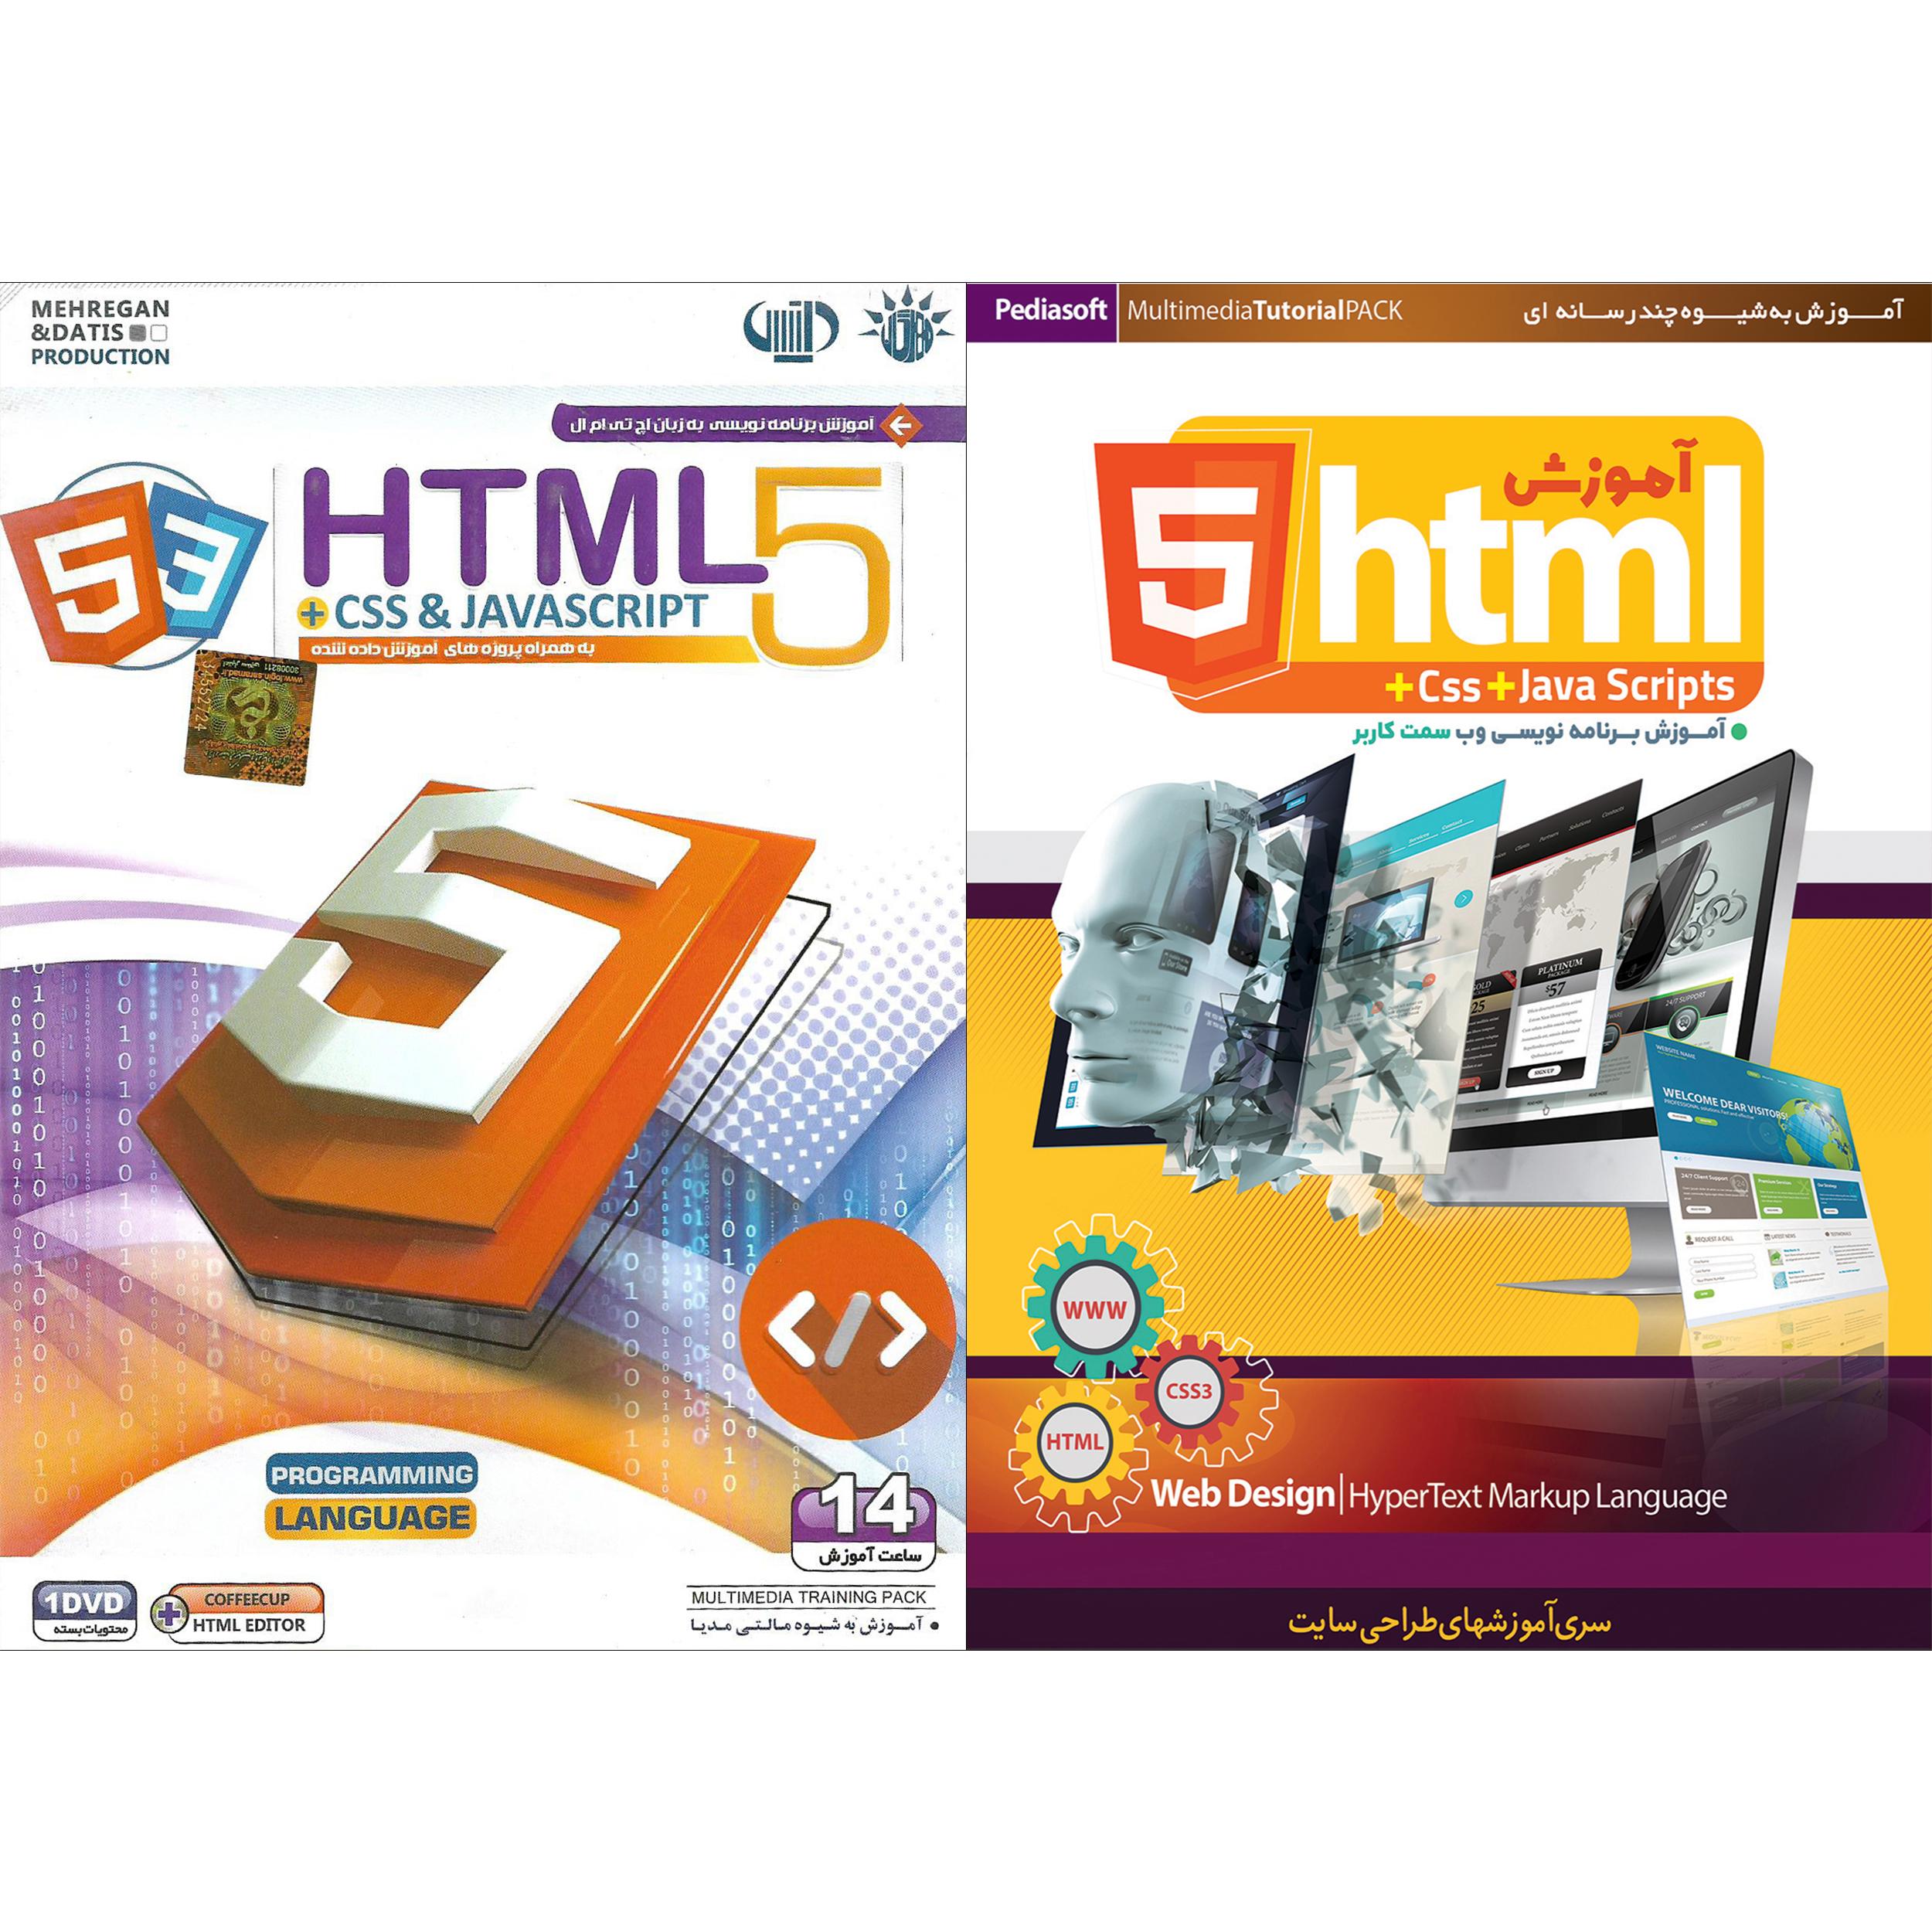 نرم افزار آموزش HTML 5 نشر پدیا سافت به همراه نرم افزار آموزش HTML5 نشر مهرگان